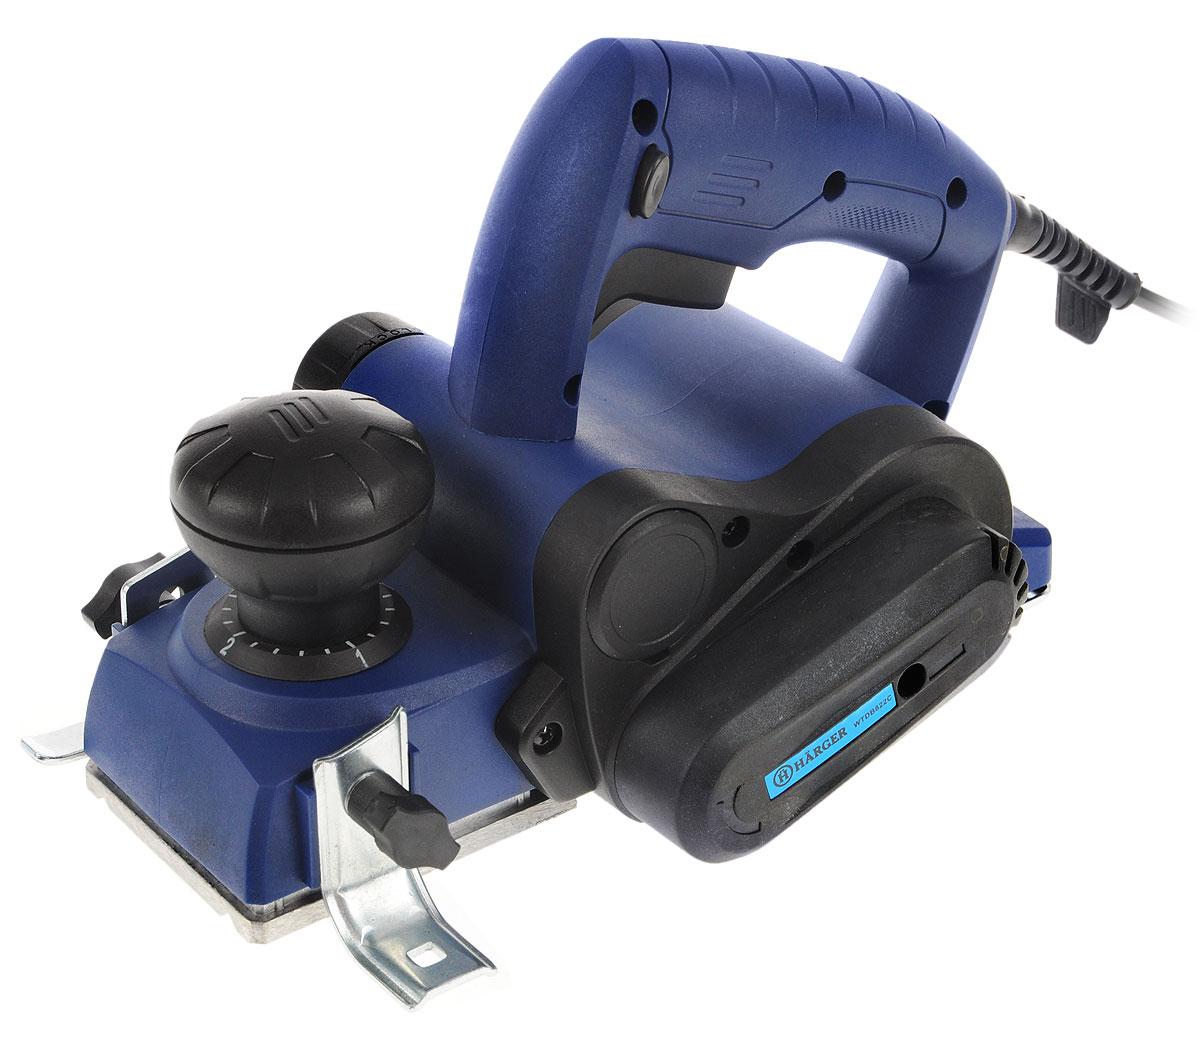 Рубанок ручной электрический Harger WTDB822CWTDB822CЭлектрический рубанок Harger WTDB822C предназначен для строгания плоских поверхностей древесины и строгания кромки при изготовлении элементов деревянных конструкций. Он оснащен двигателем мощностью 750 Вт, который развивает до 17000 об/мин. Максимальная глубина обработки составляет 3 мм. Модель работает от сети напряжением 220 В.